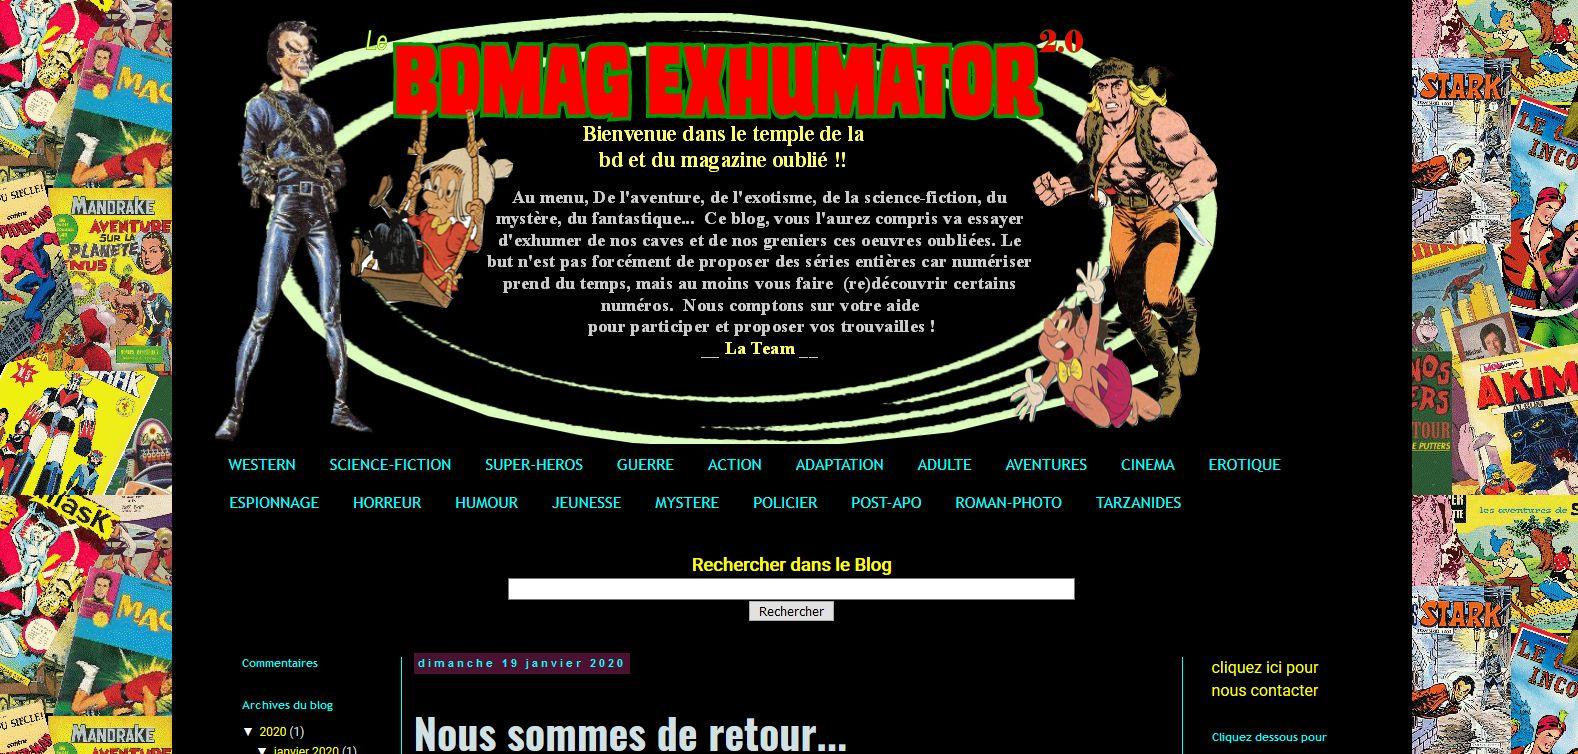 De nuevo, el blog amigo Bdmag Exhumator vuelve a publicar : Bon retour!!